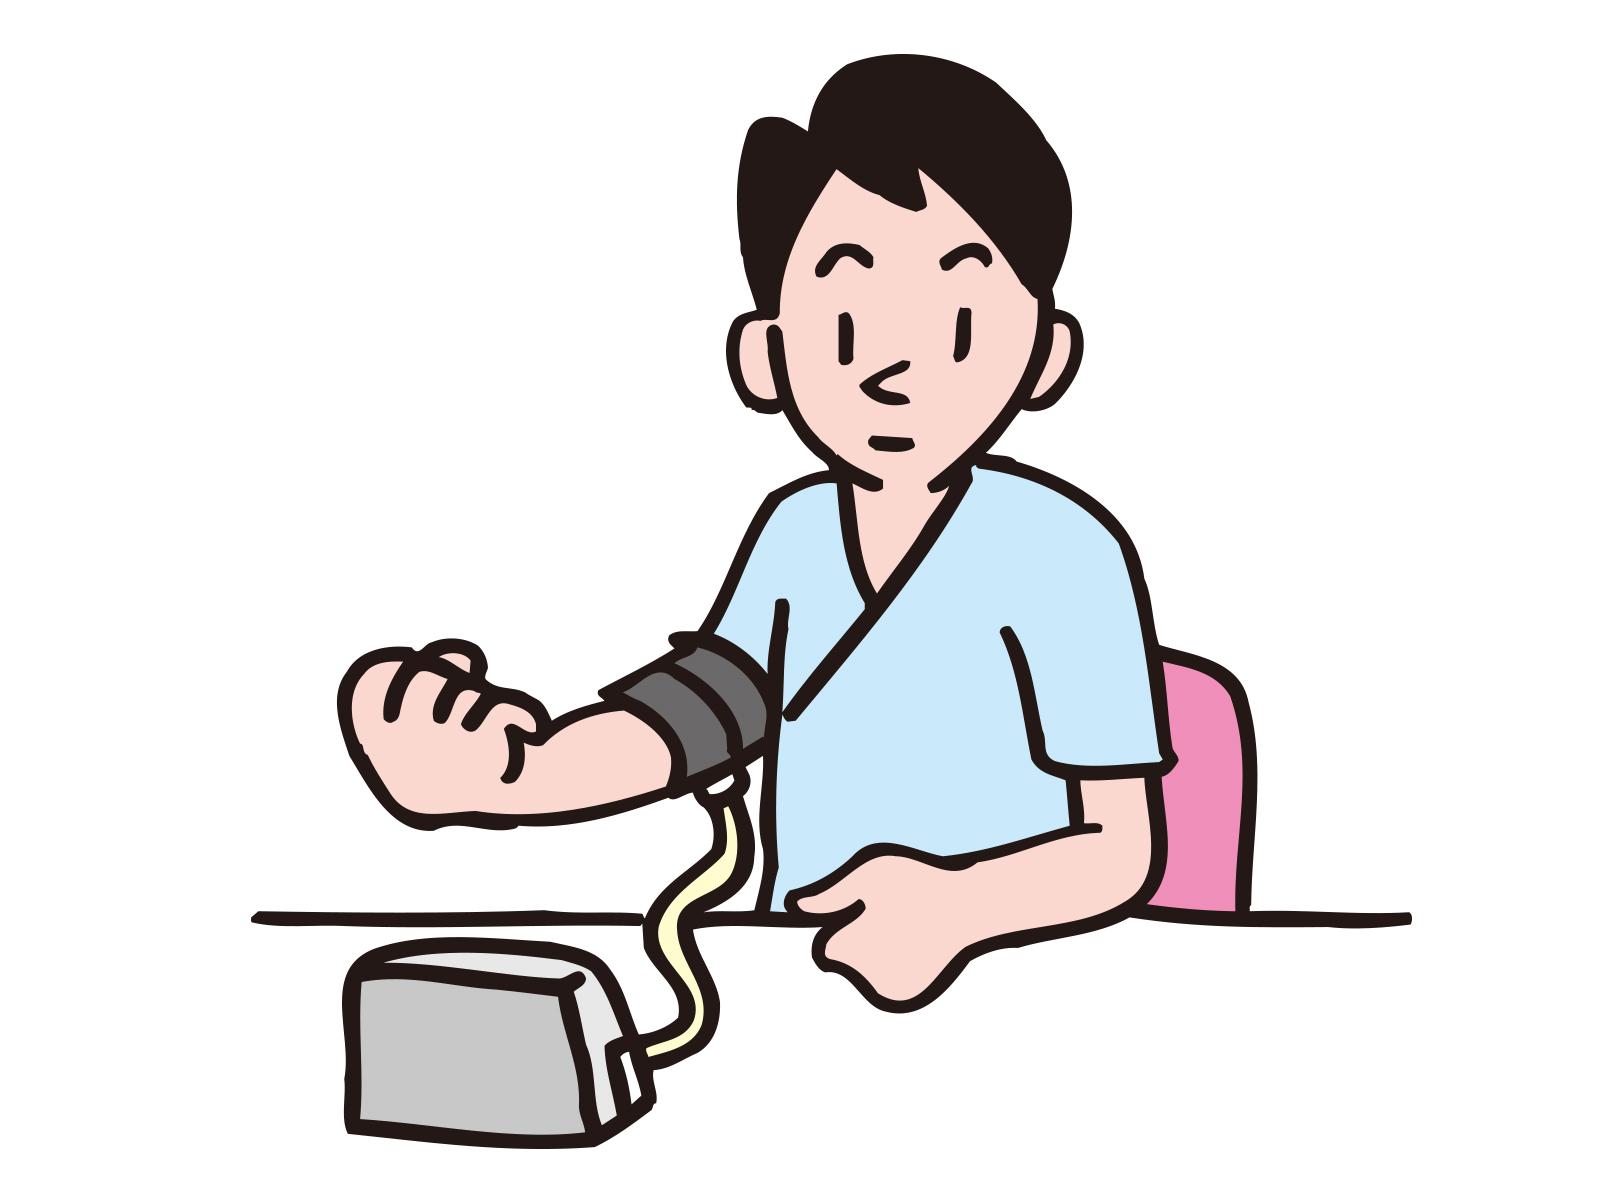 血圧は高めの方がいい? 薬を飲むと癌と死亡率が上がる